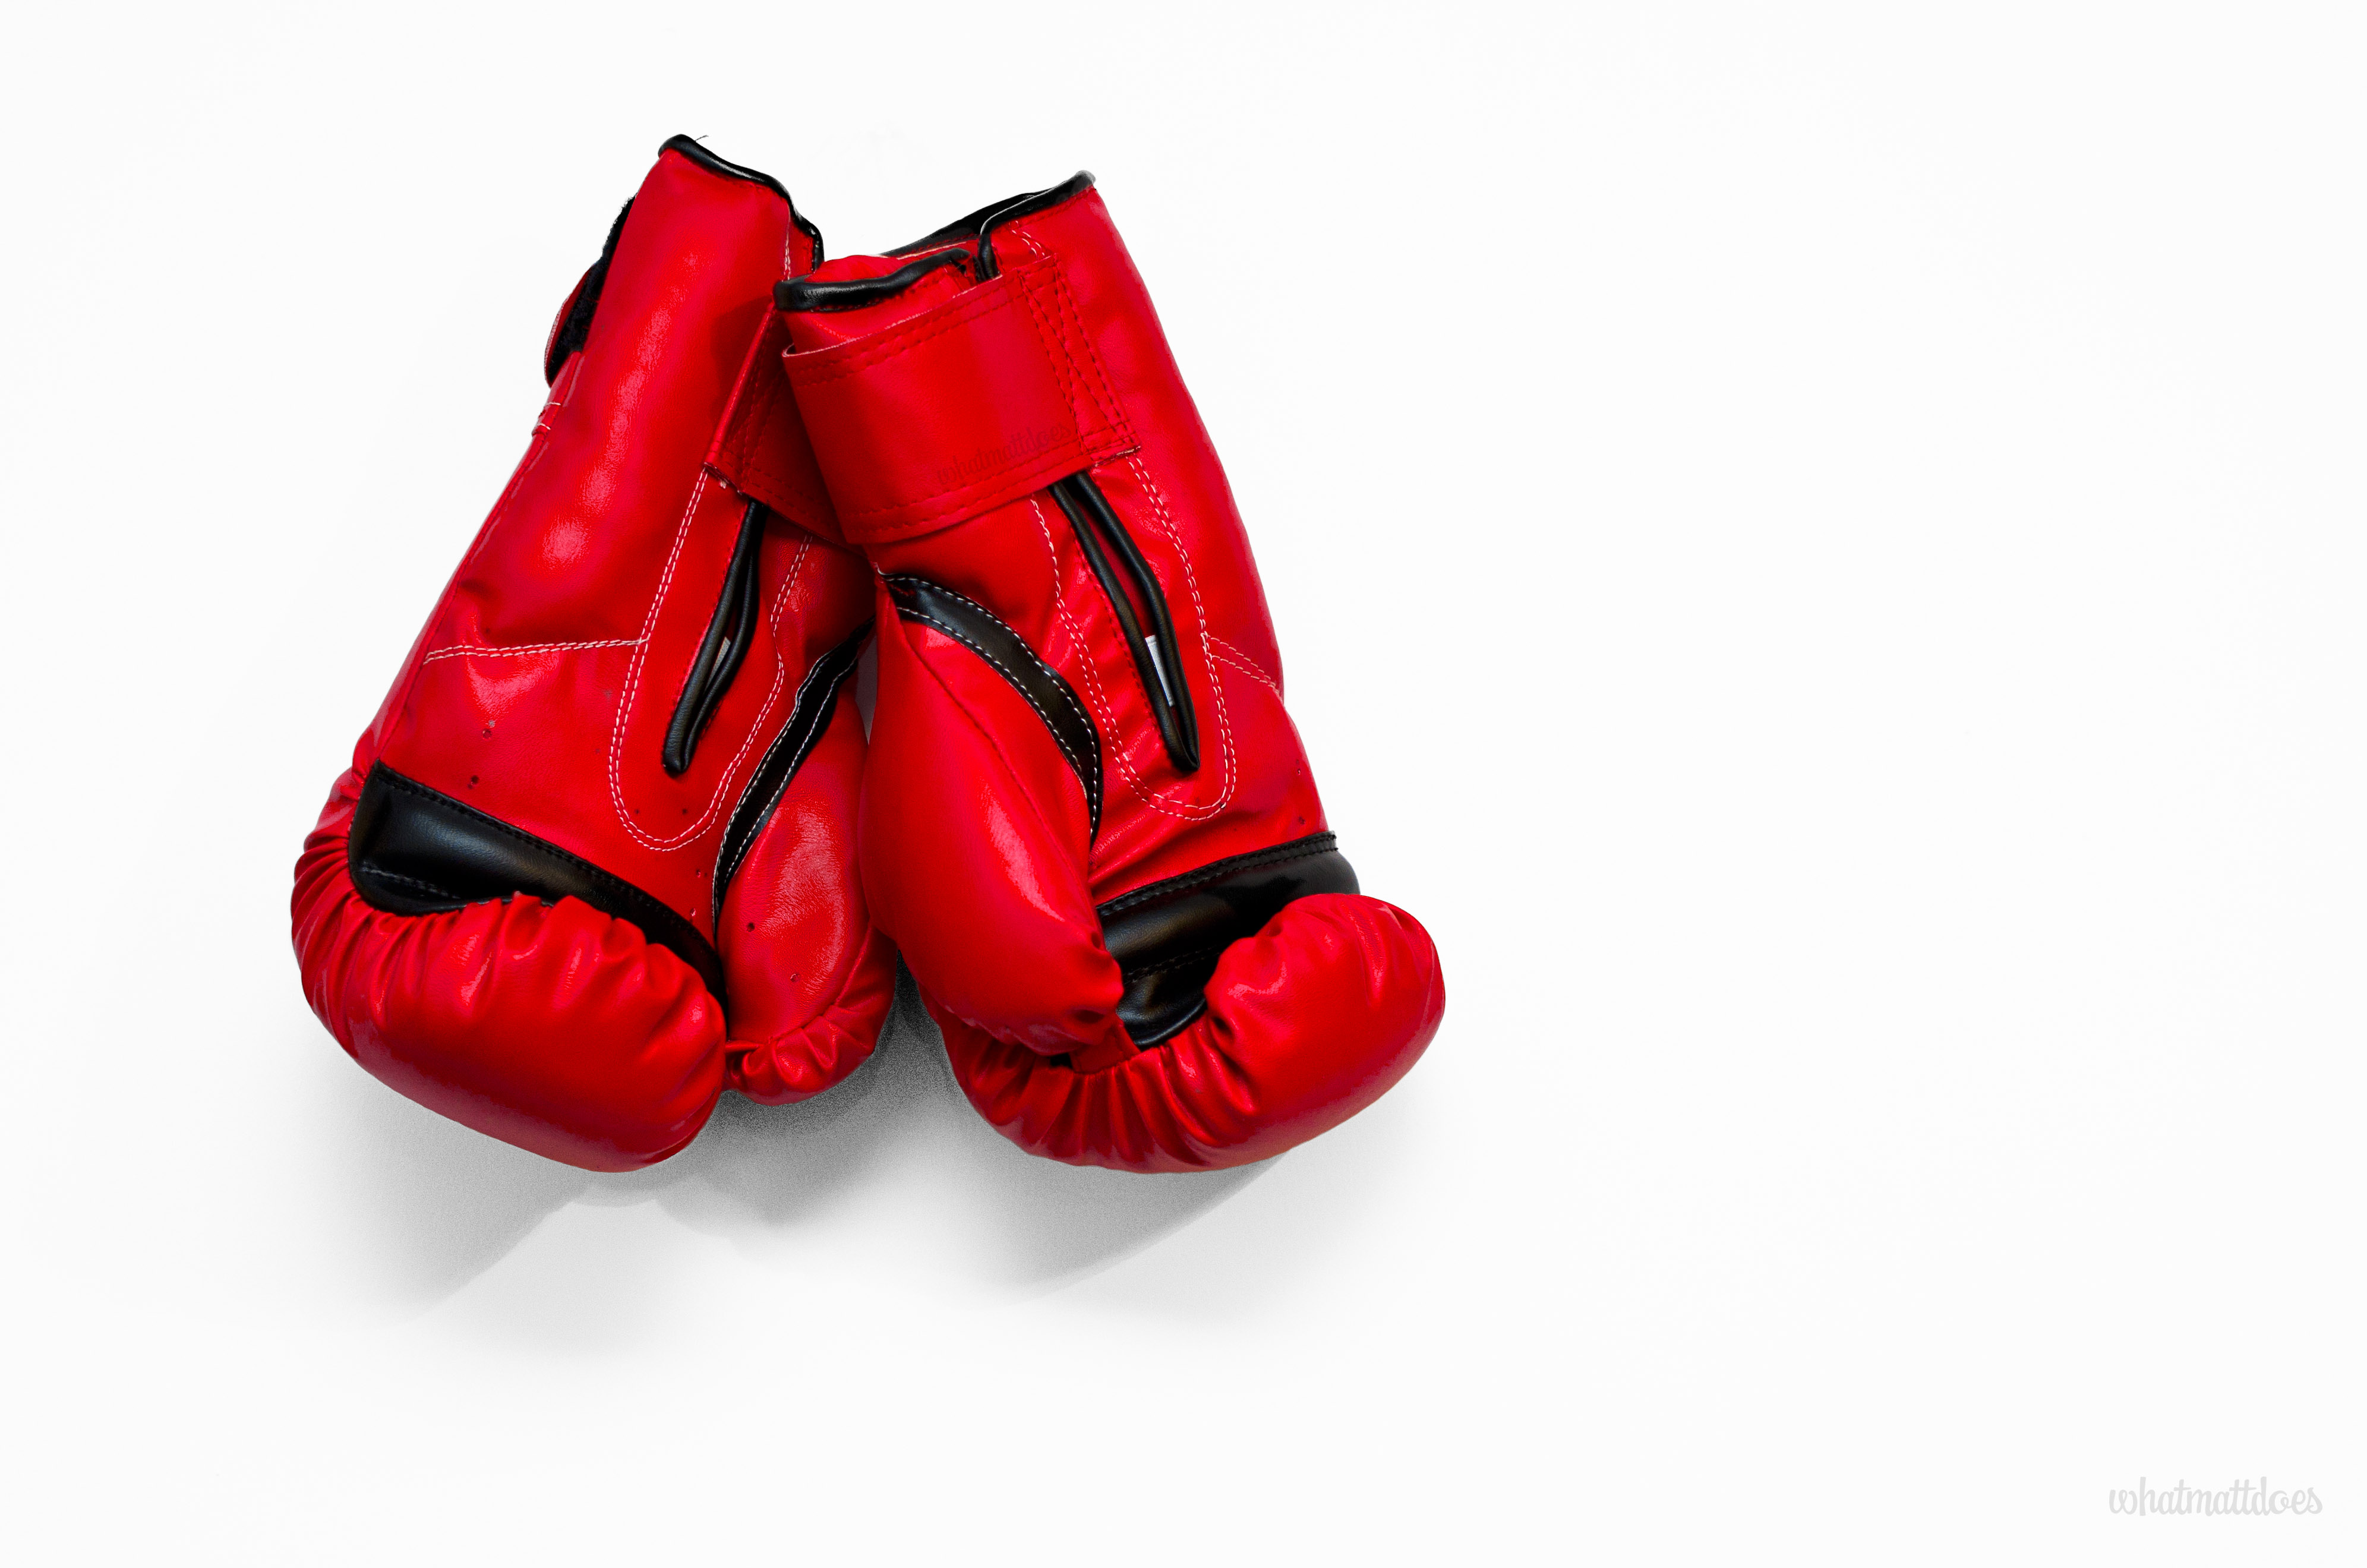 Прикольные картинки боксерские перчатки, цветов для открыток